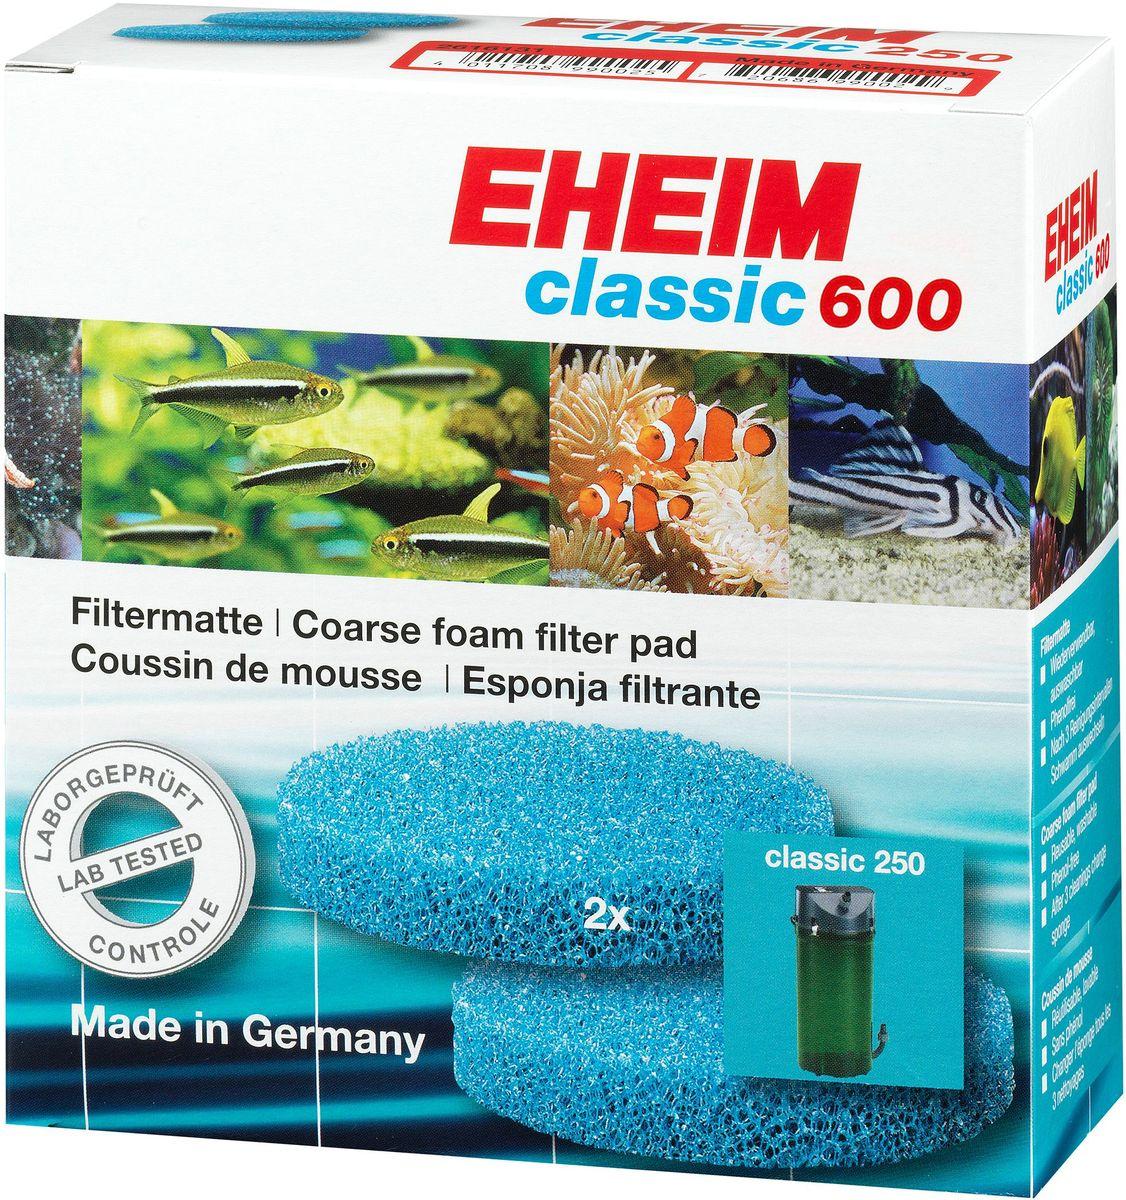 Наполнитель для фильтра Eheim Classic 600, поролон, 2 штART-2270051Грубая пористая губка для фильтров Eheim Classic 600 обеспечивает механическую и биологическую очистку воды.